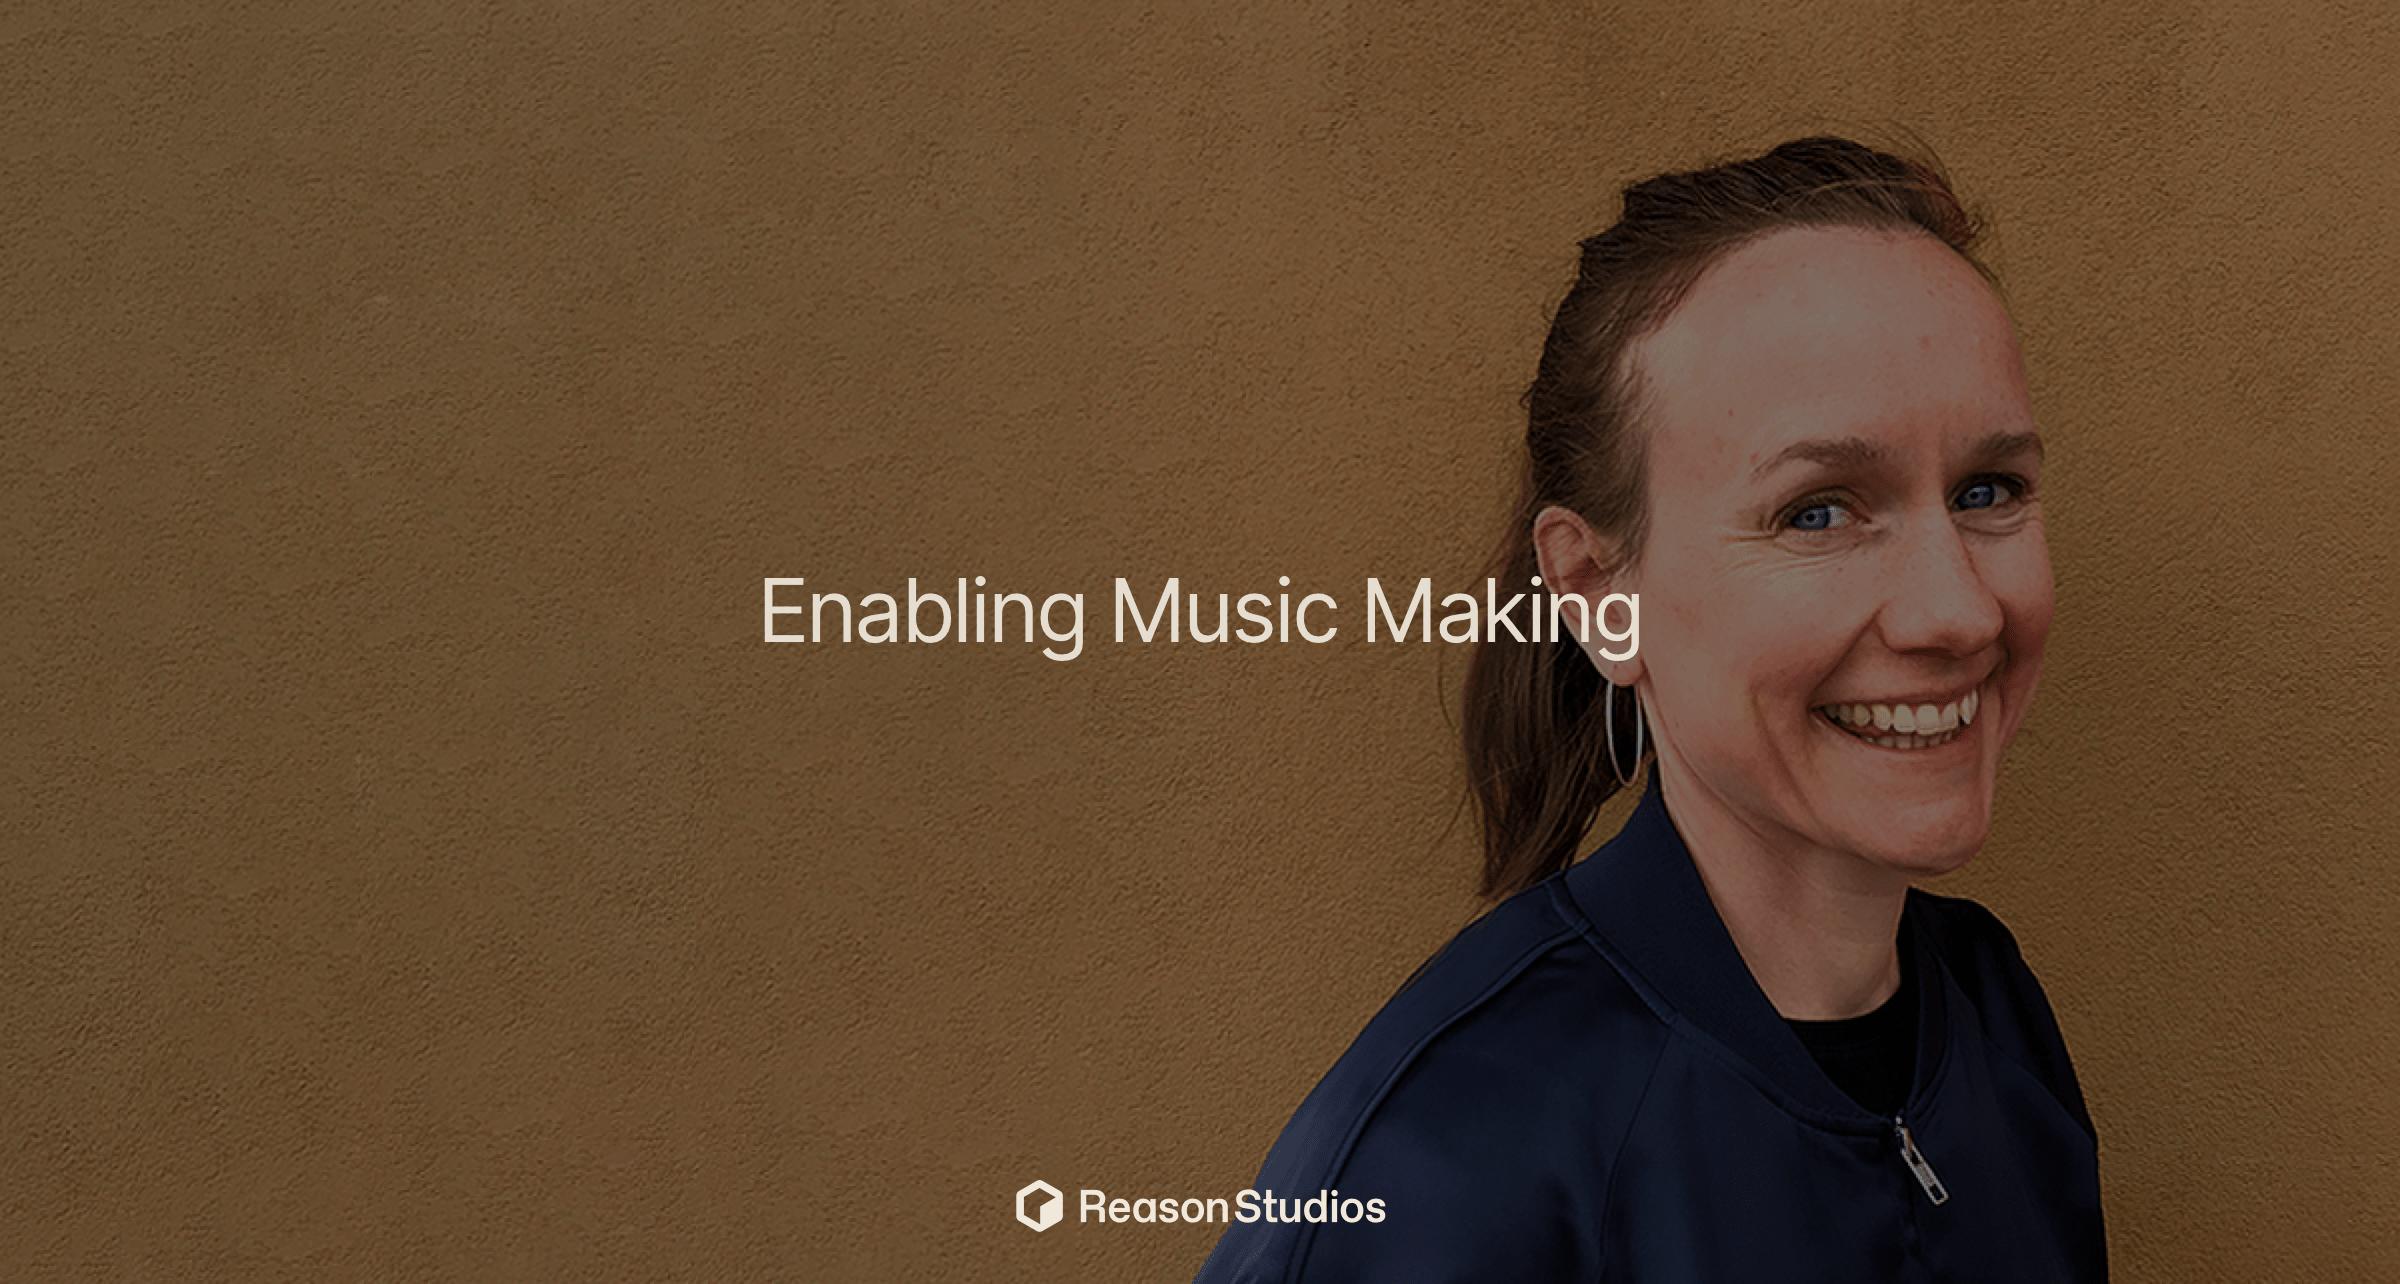 Enabling Music Making